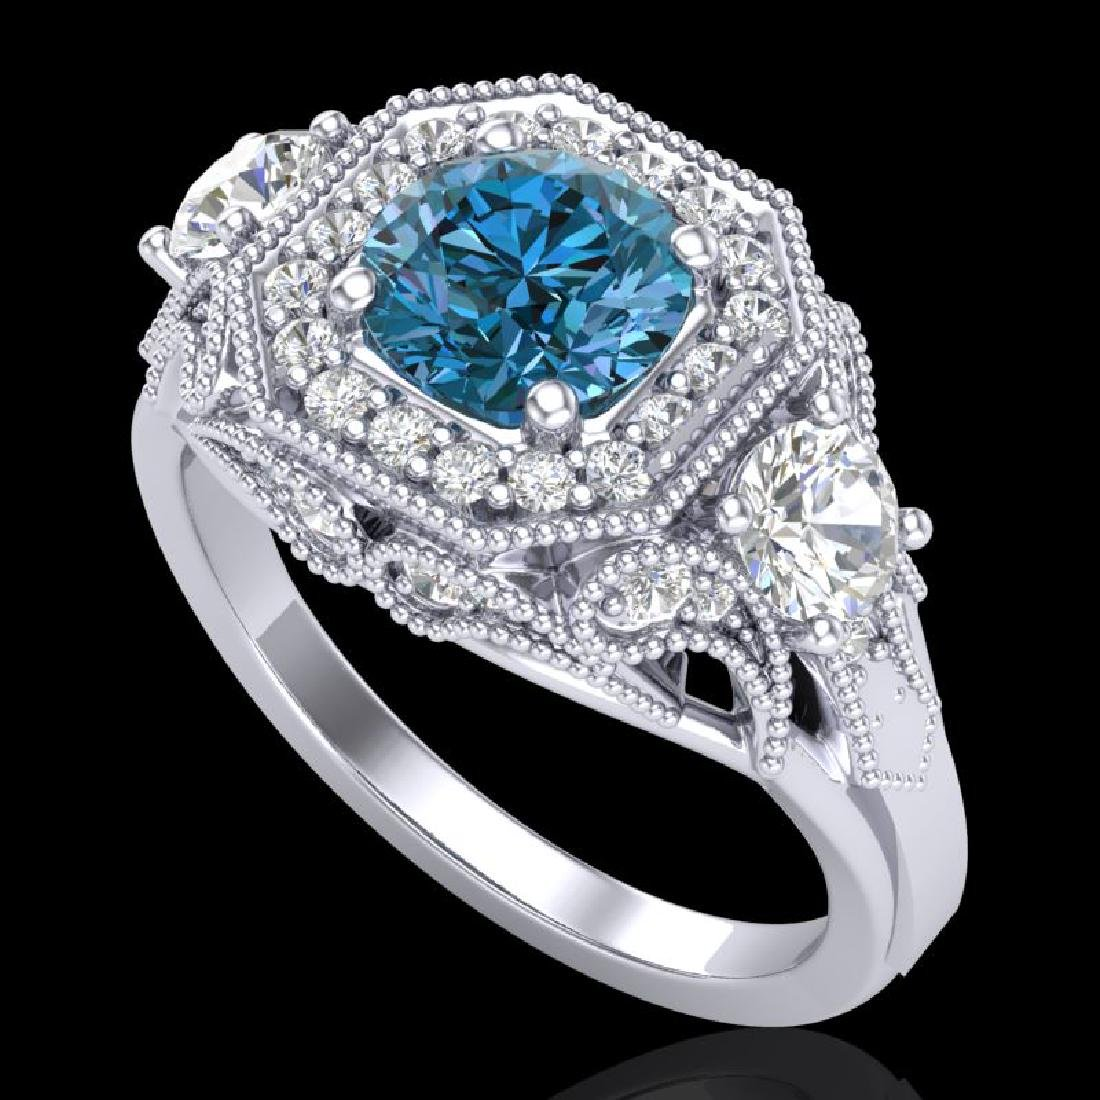 2.11 CTW Intense Blue Diamond Solitaire Art Deco 3